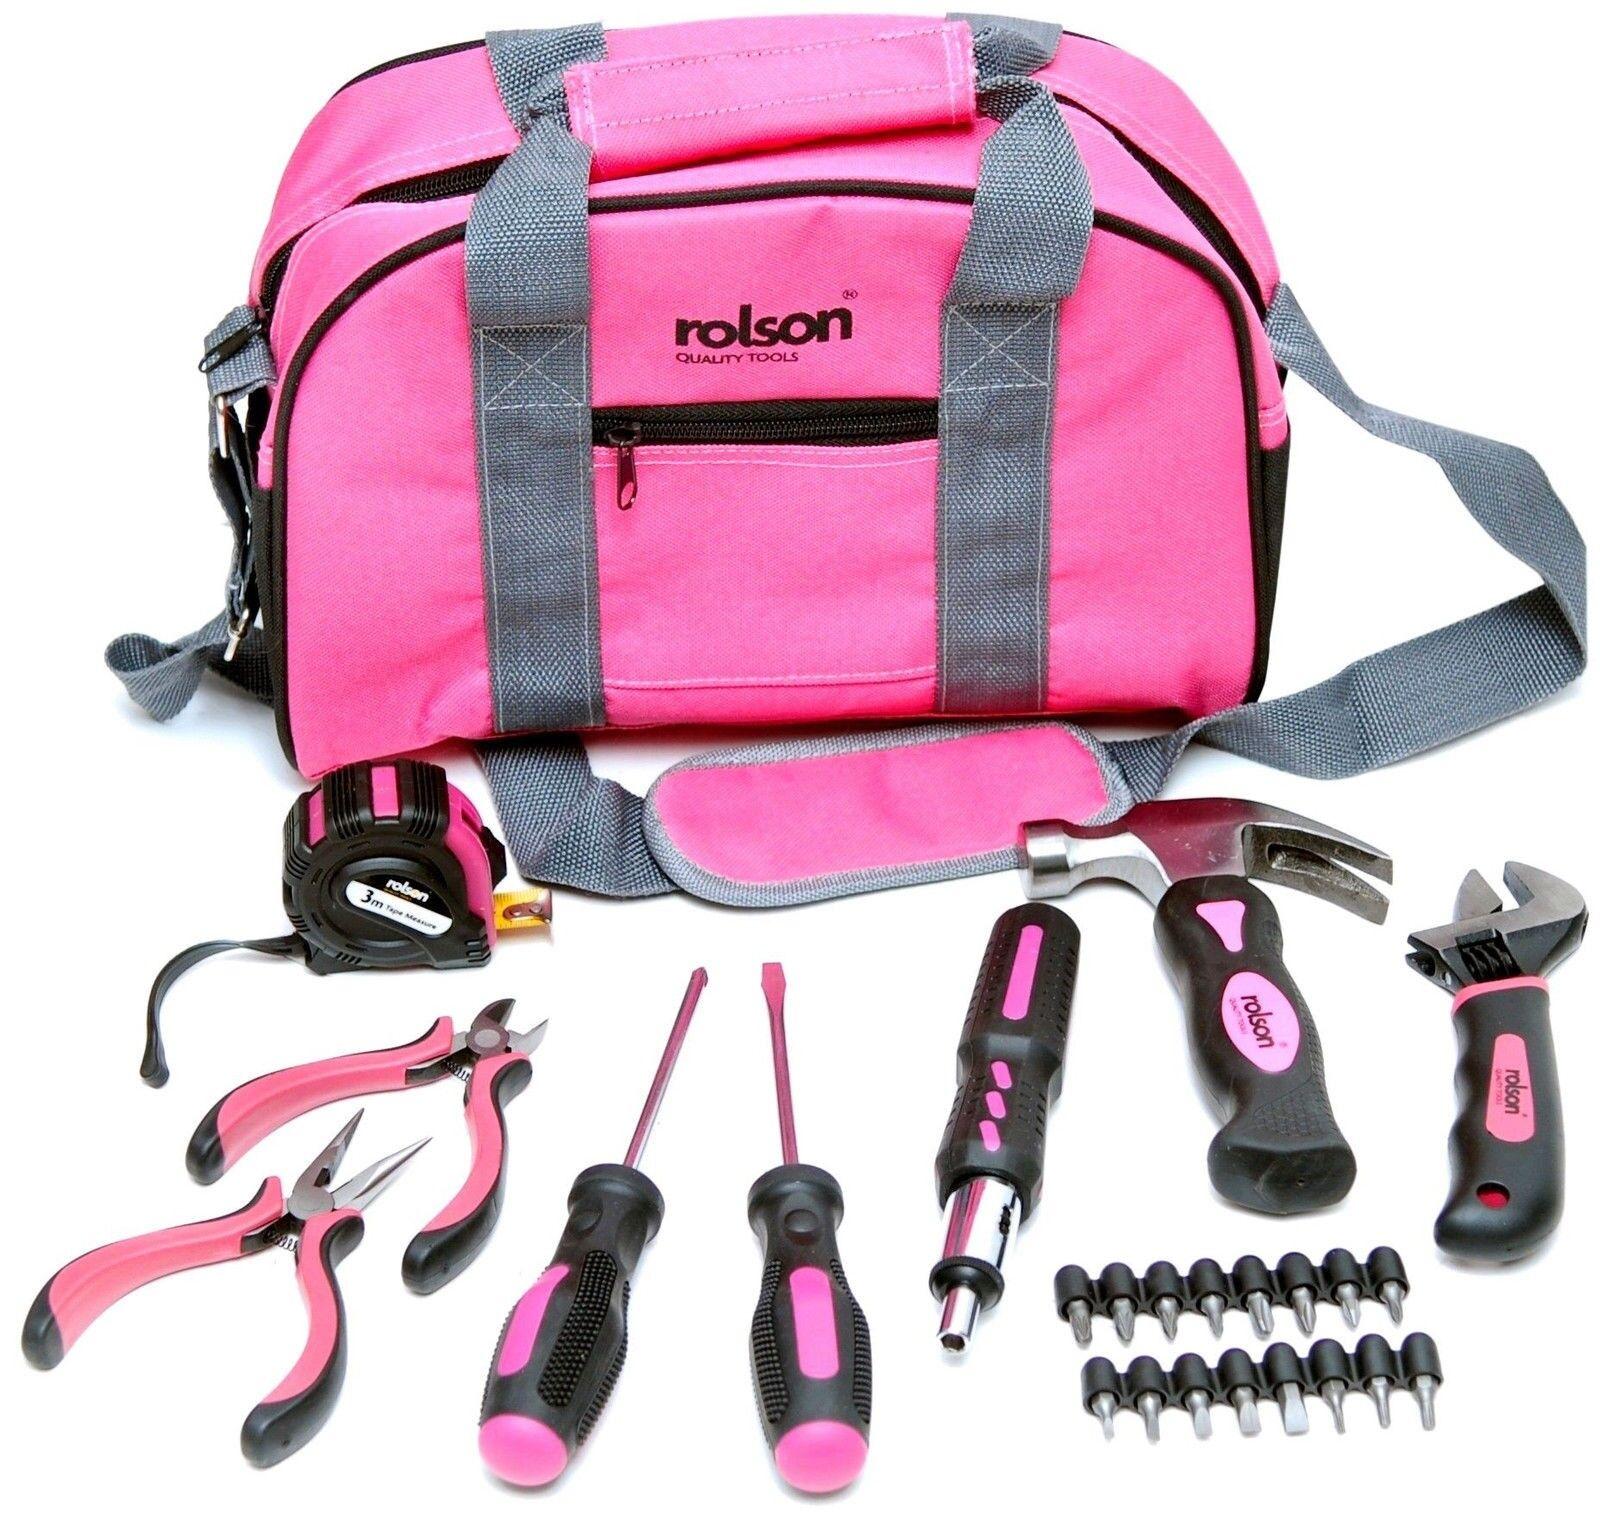 Rolson 36802 25pc 25pc 25pc rosado Bolsa De Herramientas Kit b7da94